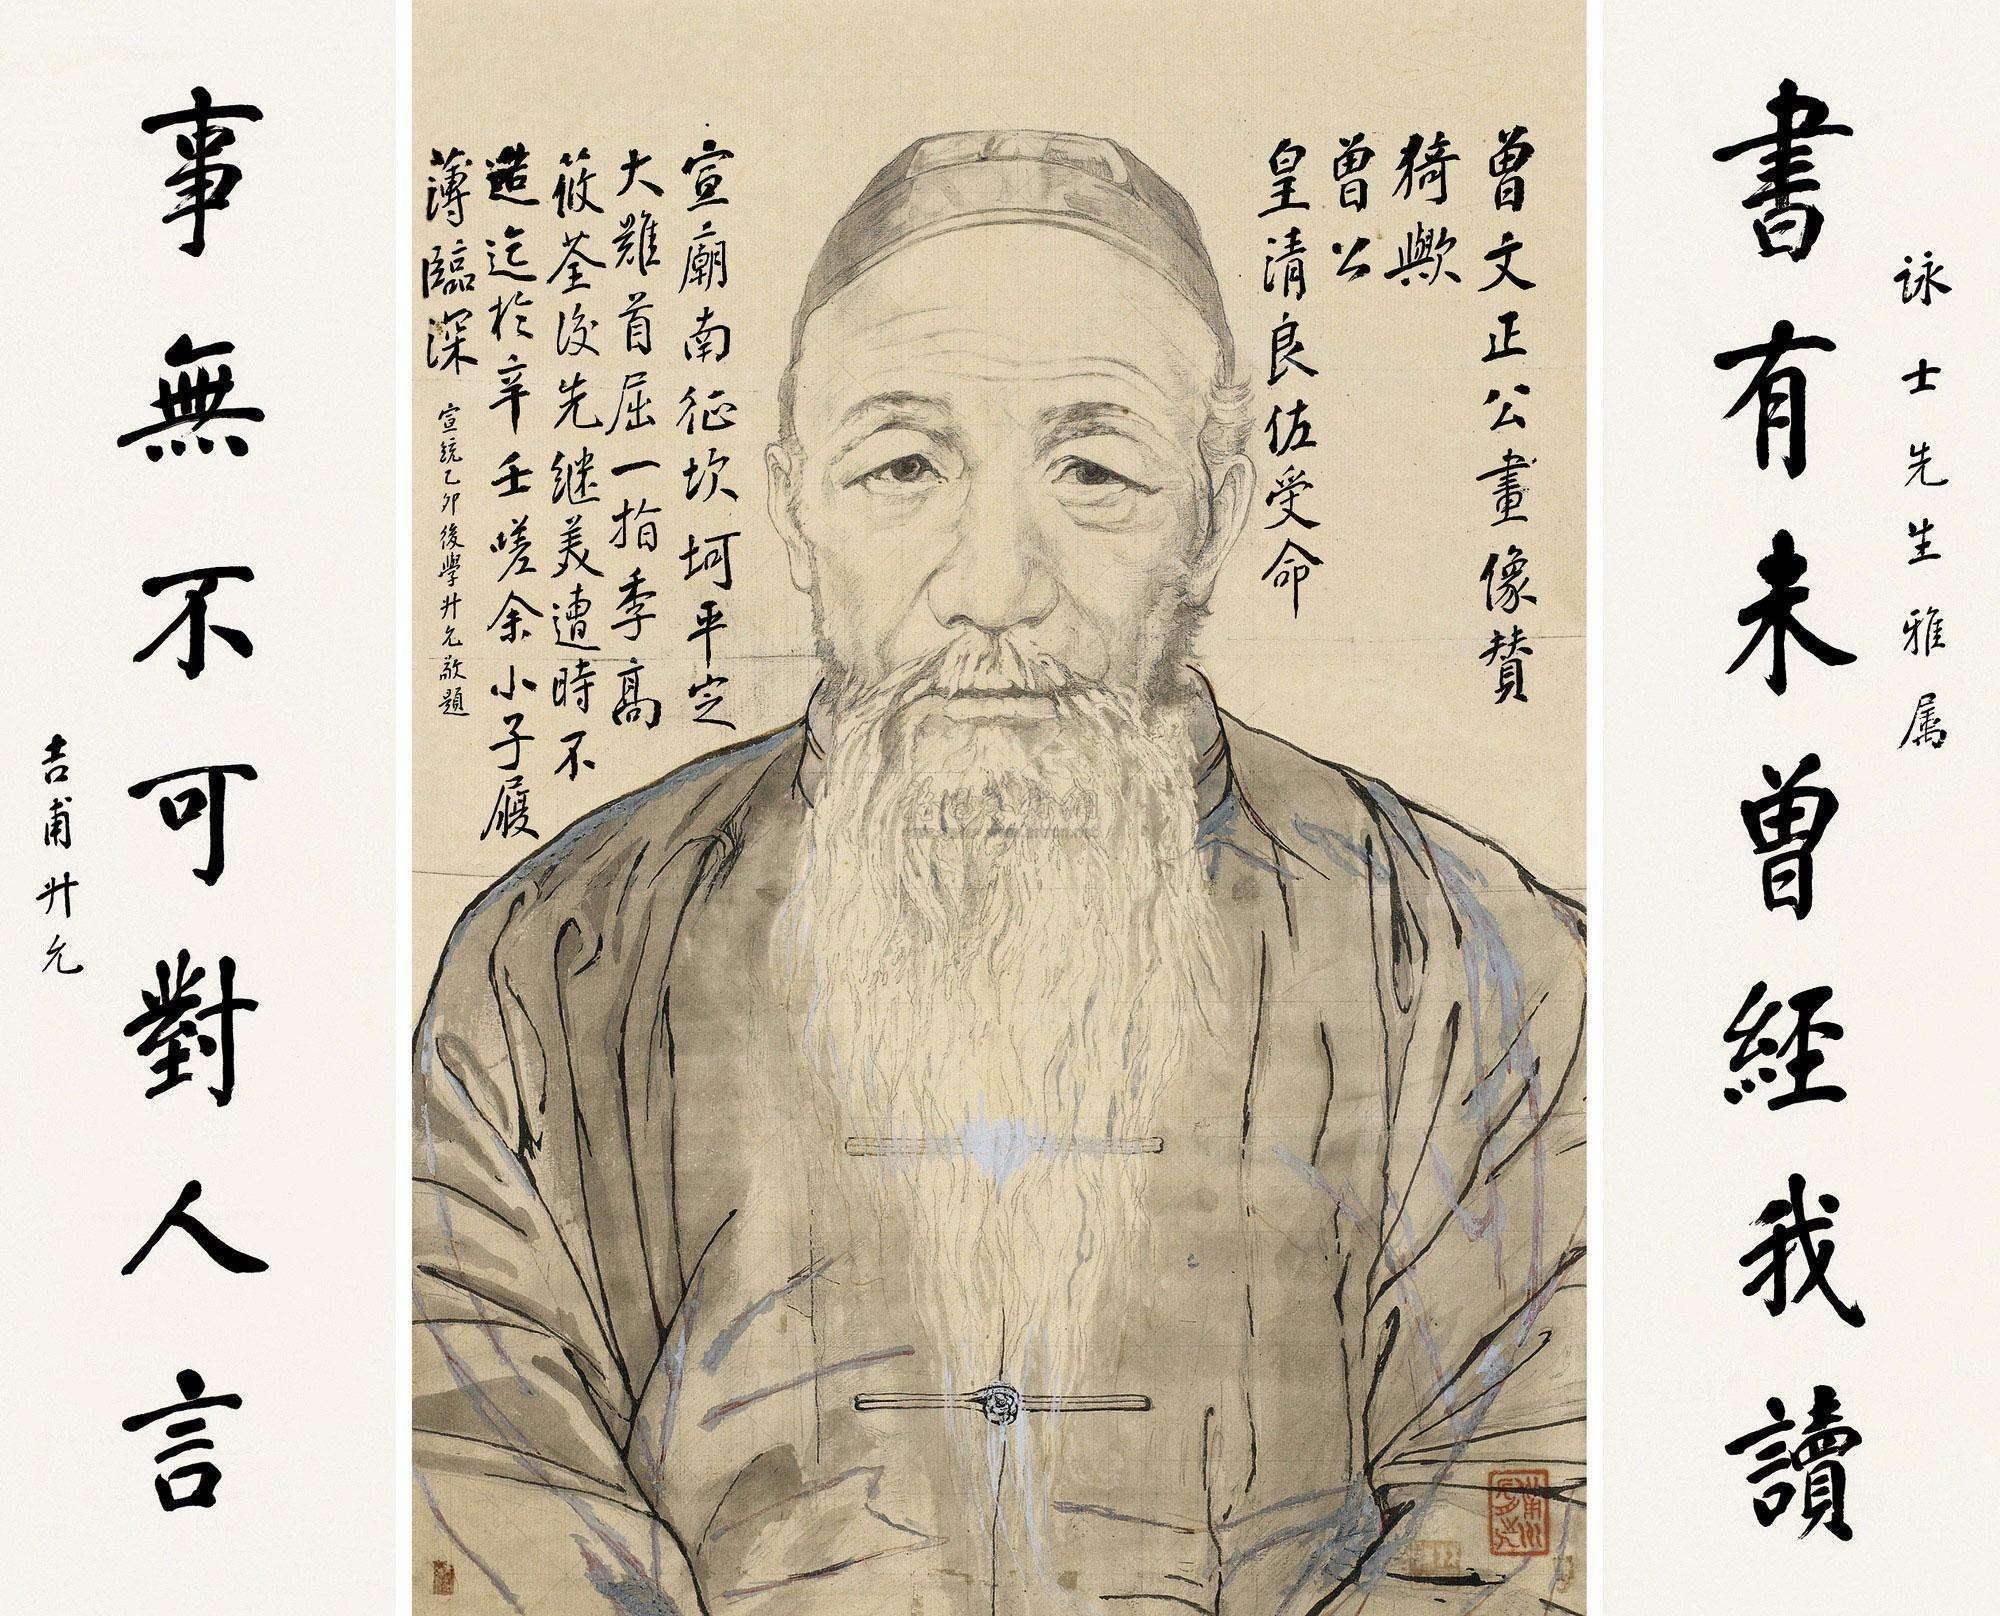 曾国藩:如果你40岁还一事无成,要做到5个字,钱必来追你!